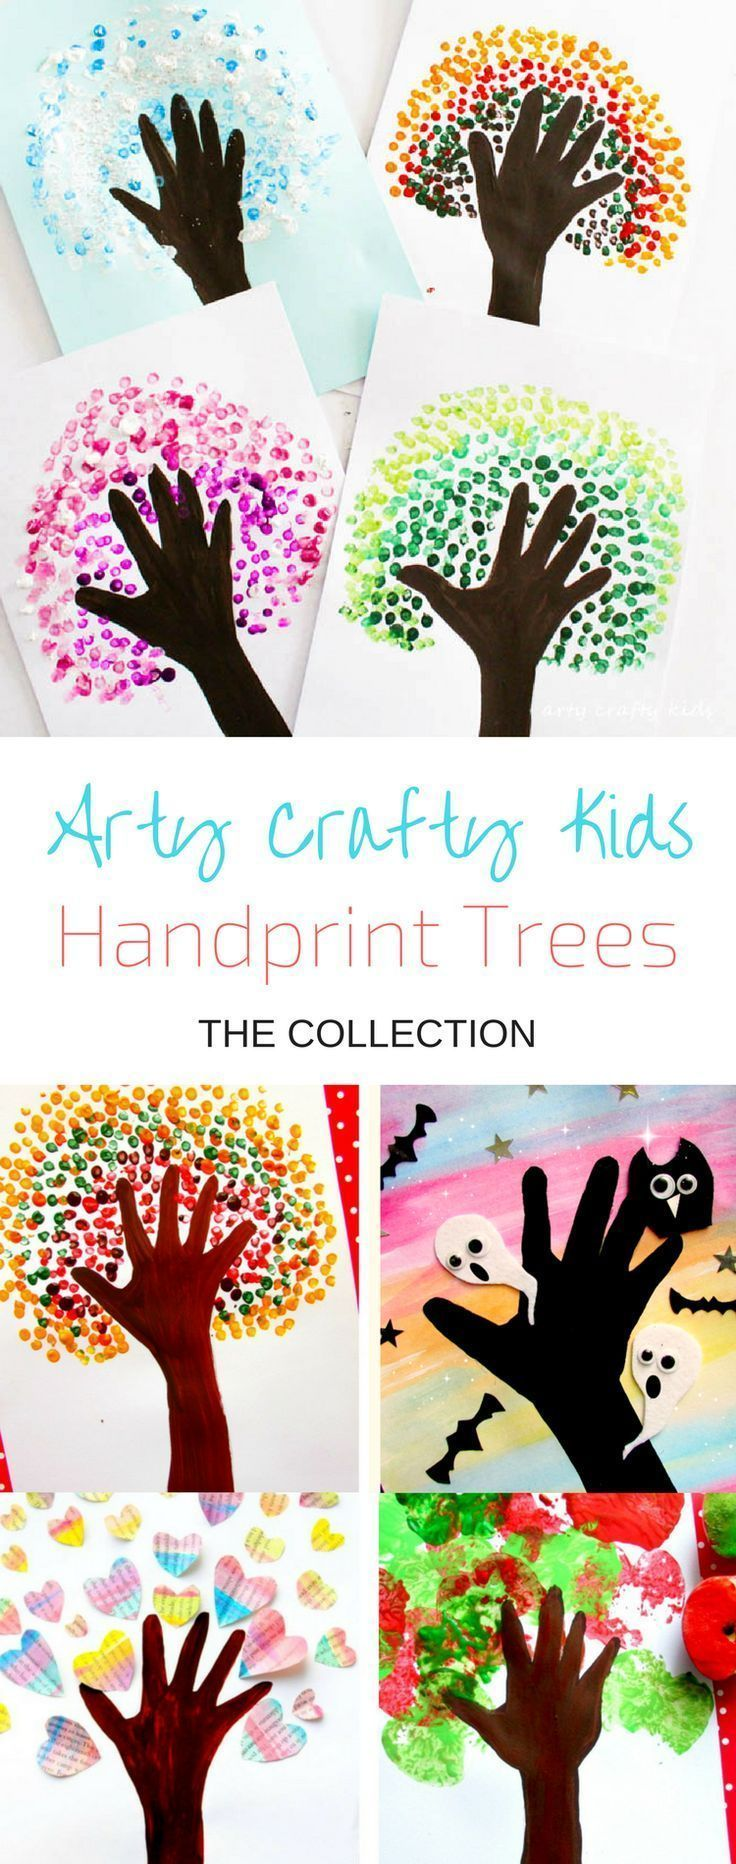 Arty Crafty Kinder | Kunst | Vier-Jahreszeiten-Handabdruckbaum | Wir haben ... - DSelbermachen ideen#arty #crafty #dselbermachen #haben #ideen #kinder #kunst #vierjahreszeitenhandabdruckbaum #wir #bastelideenkinder